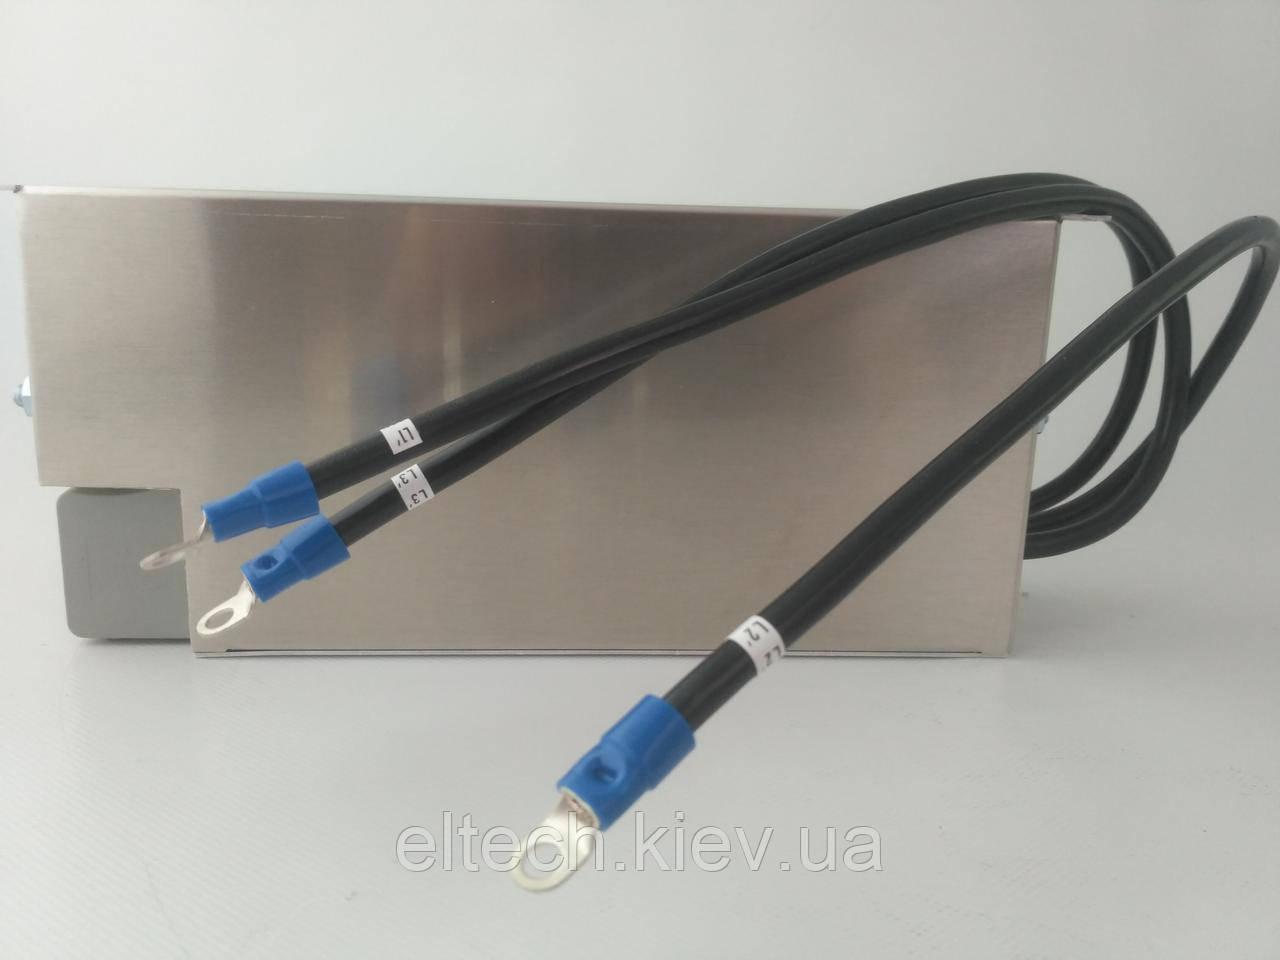 Фильтр сетевой FS25108-64-07 для SJ700D (SJ700)-300HFEF3